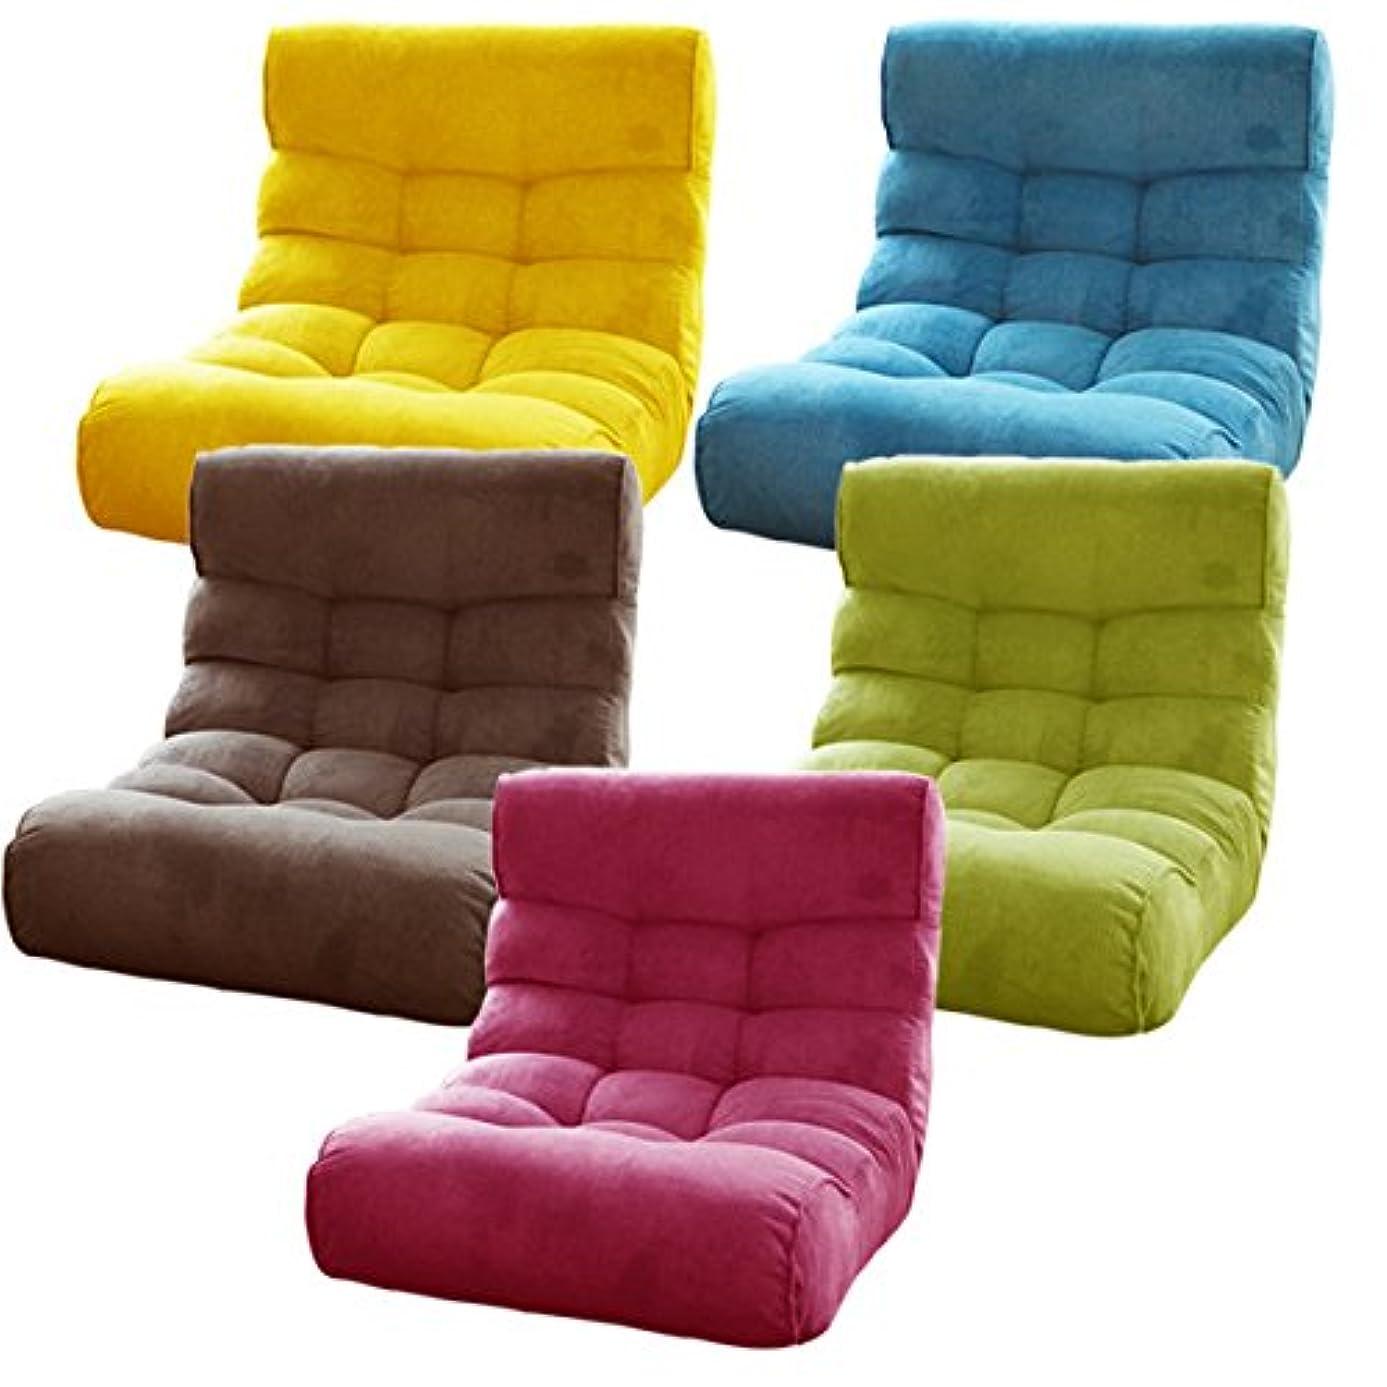 逆メアリアンジョーンズ船形ソファみたいな座椅子 Piglet Big 2nd Corduroy (ピグレット ビッグセカンドコーデュロイ) (ダークブラウン)